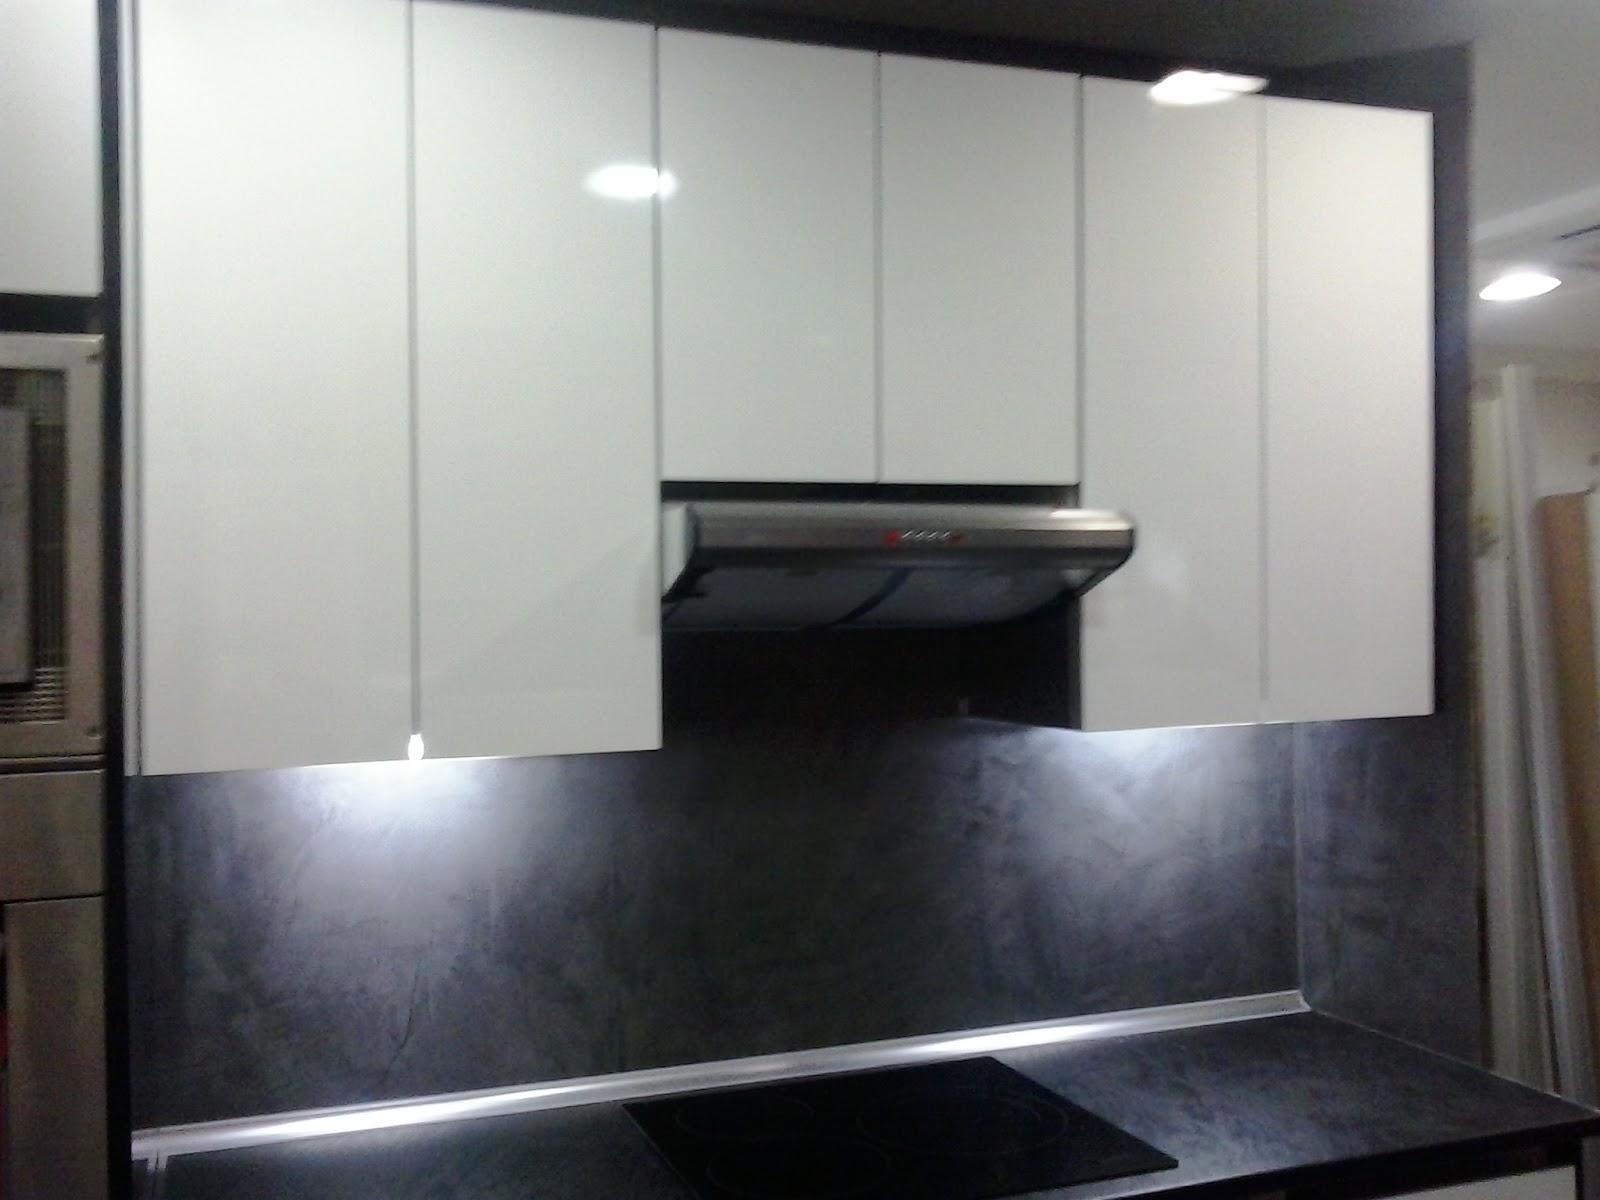 Laminado blanco brillo 4 cantos perfil gola remates en negro pared pintada estuco lavable - Cocinas con estuco ...